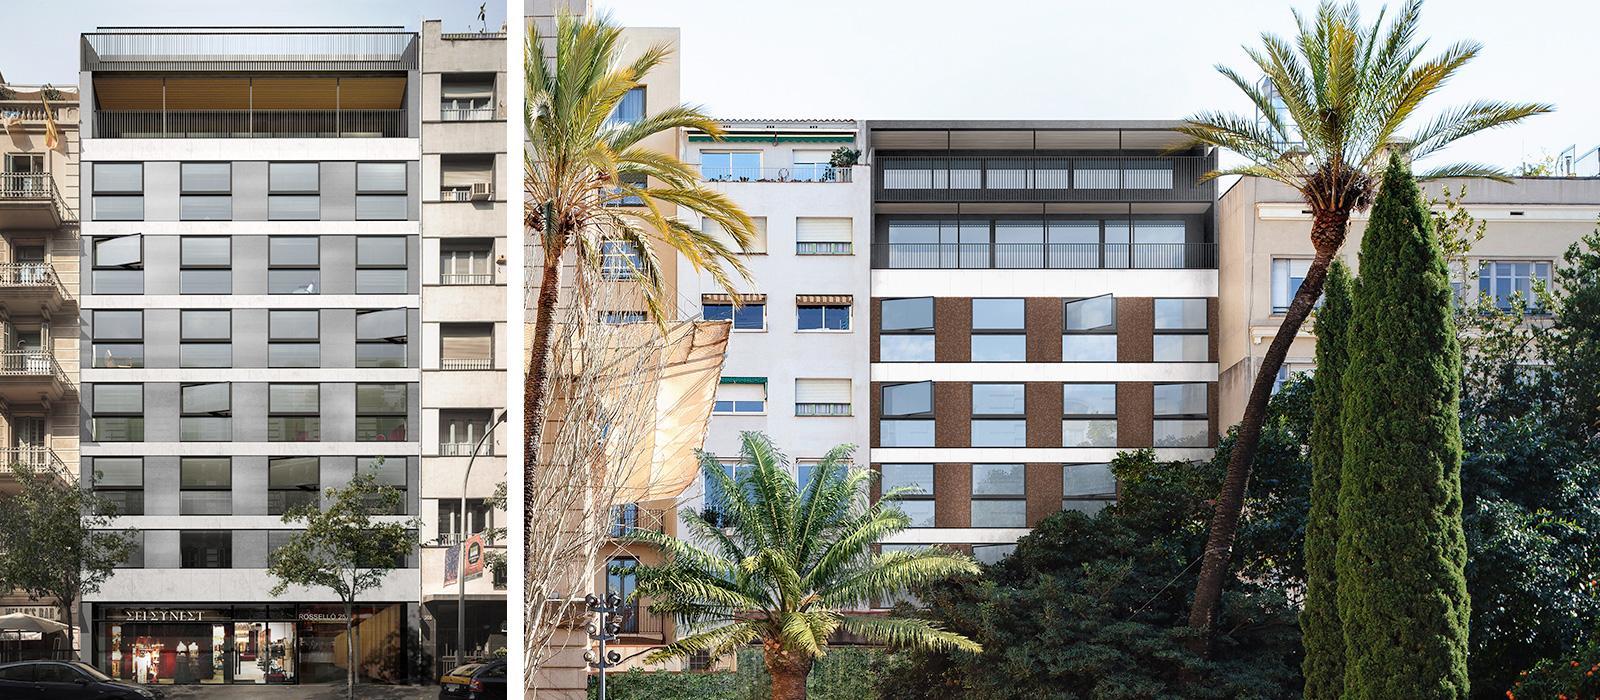 公寓 为 销售 在 Spectacular New Apartments Near the Paseo de Gracia Eixample, 巴萨罗纳城, 巴塞罗那, 08007 西班牙